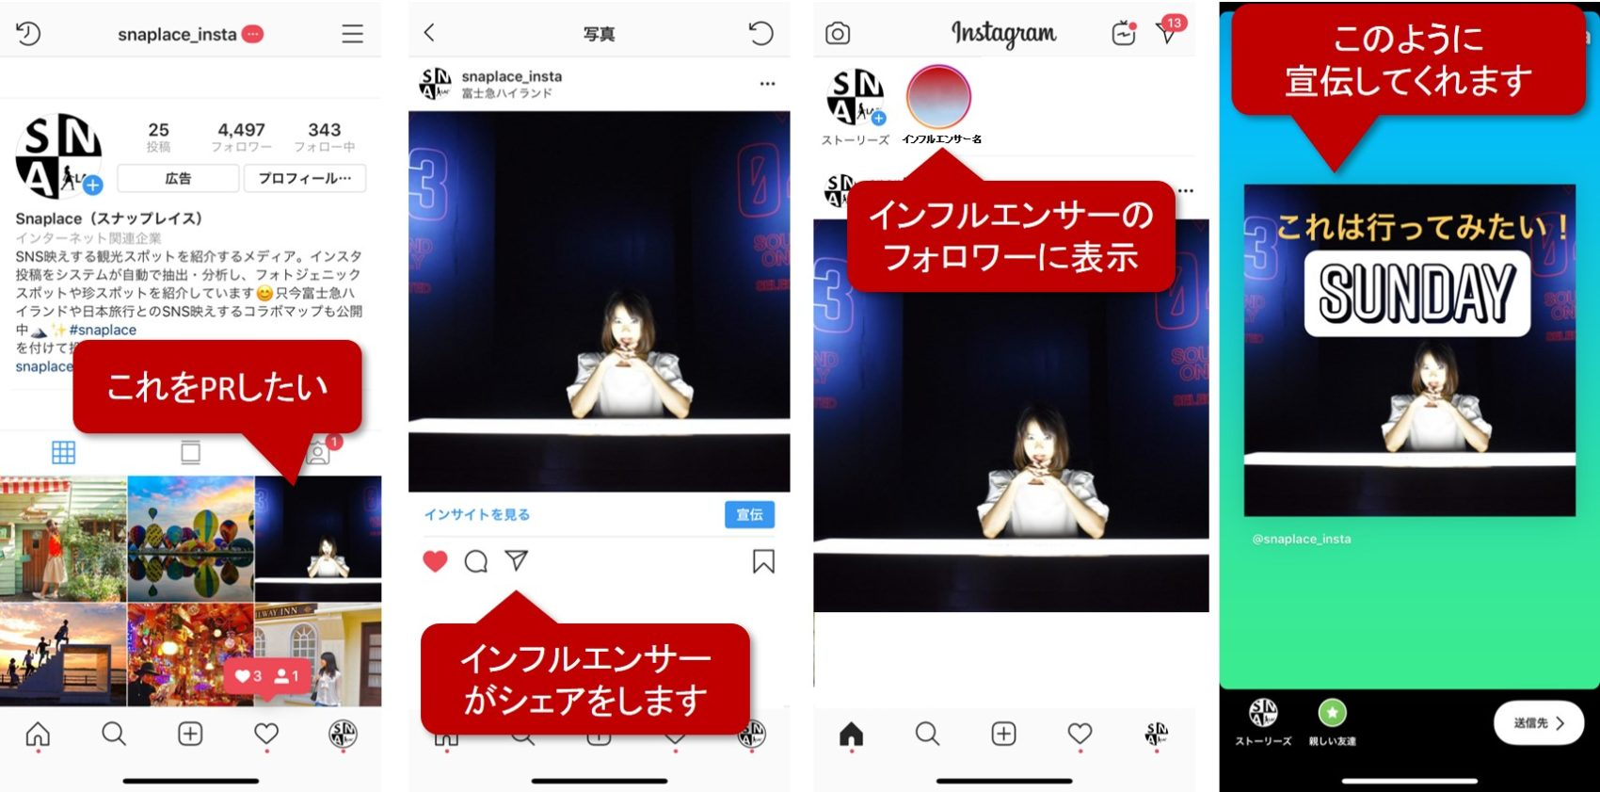 インスタ ストーリー シェア 【Instagram(インスタグラム)】投稿をストーリーにシェア(リポスト...